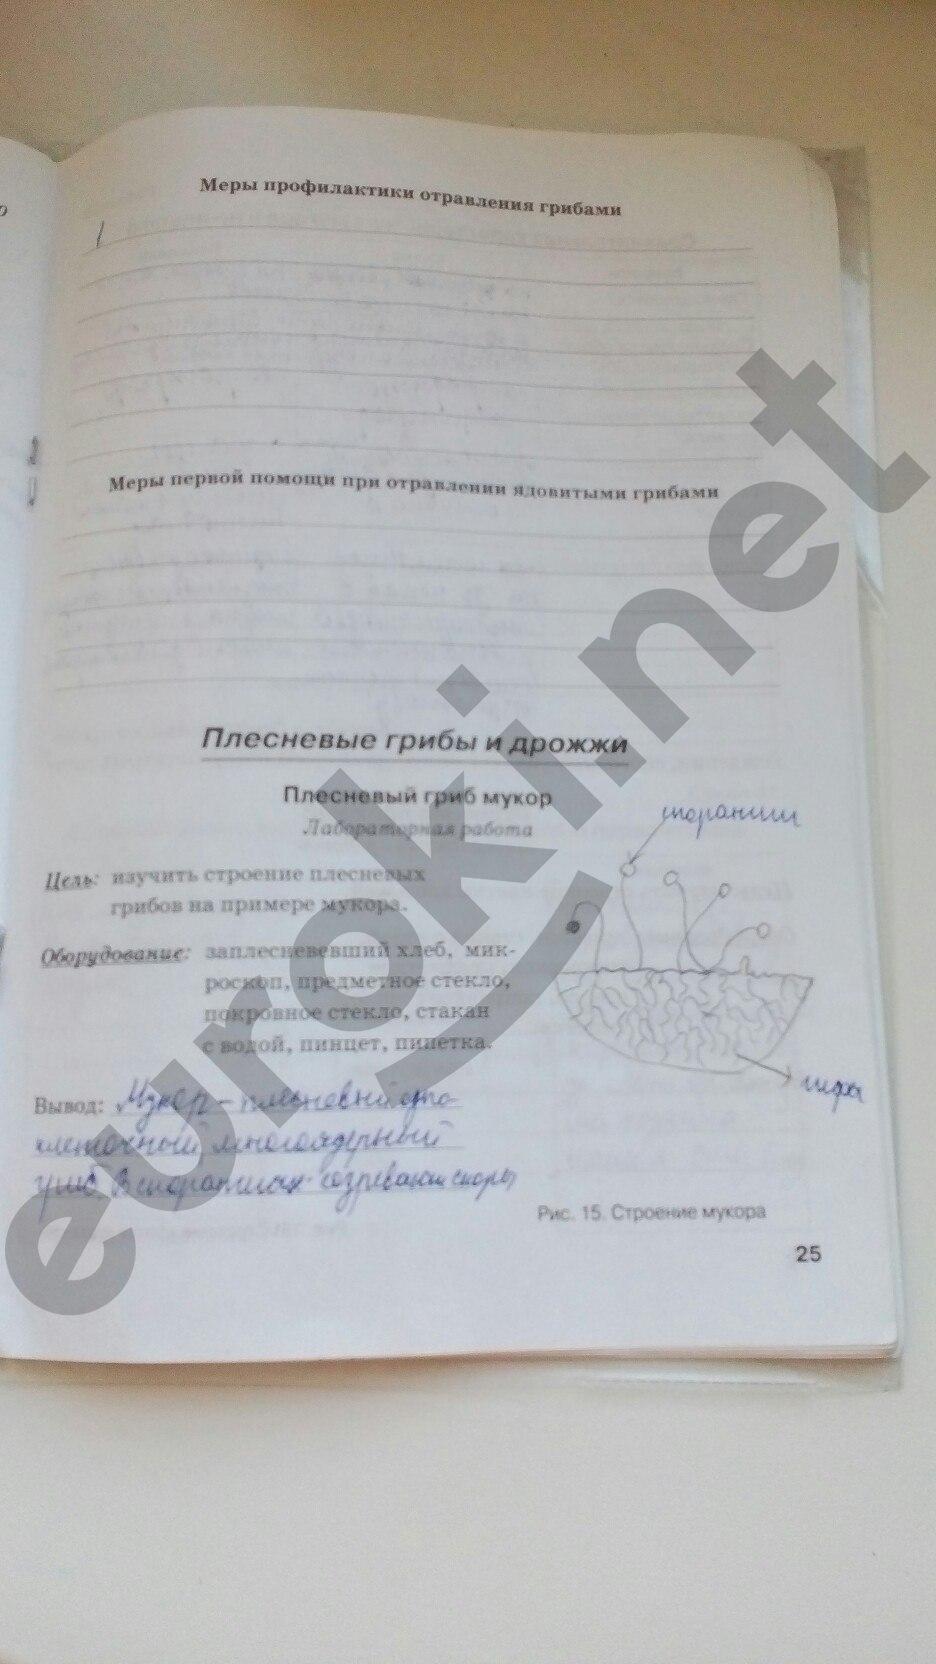 ГДЗ по биологии 5 класс рабочая тетрадь Бодрова. Задание: стр. 25